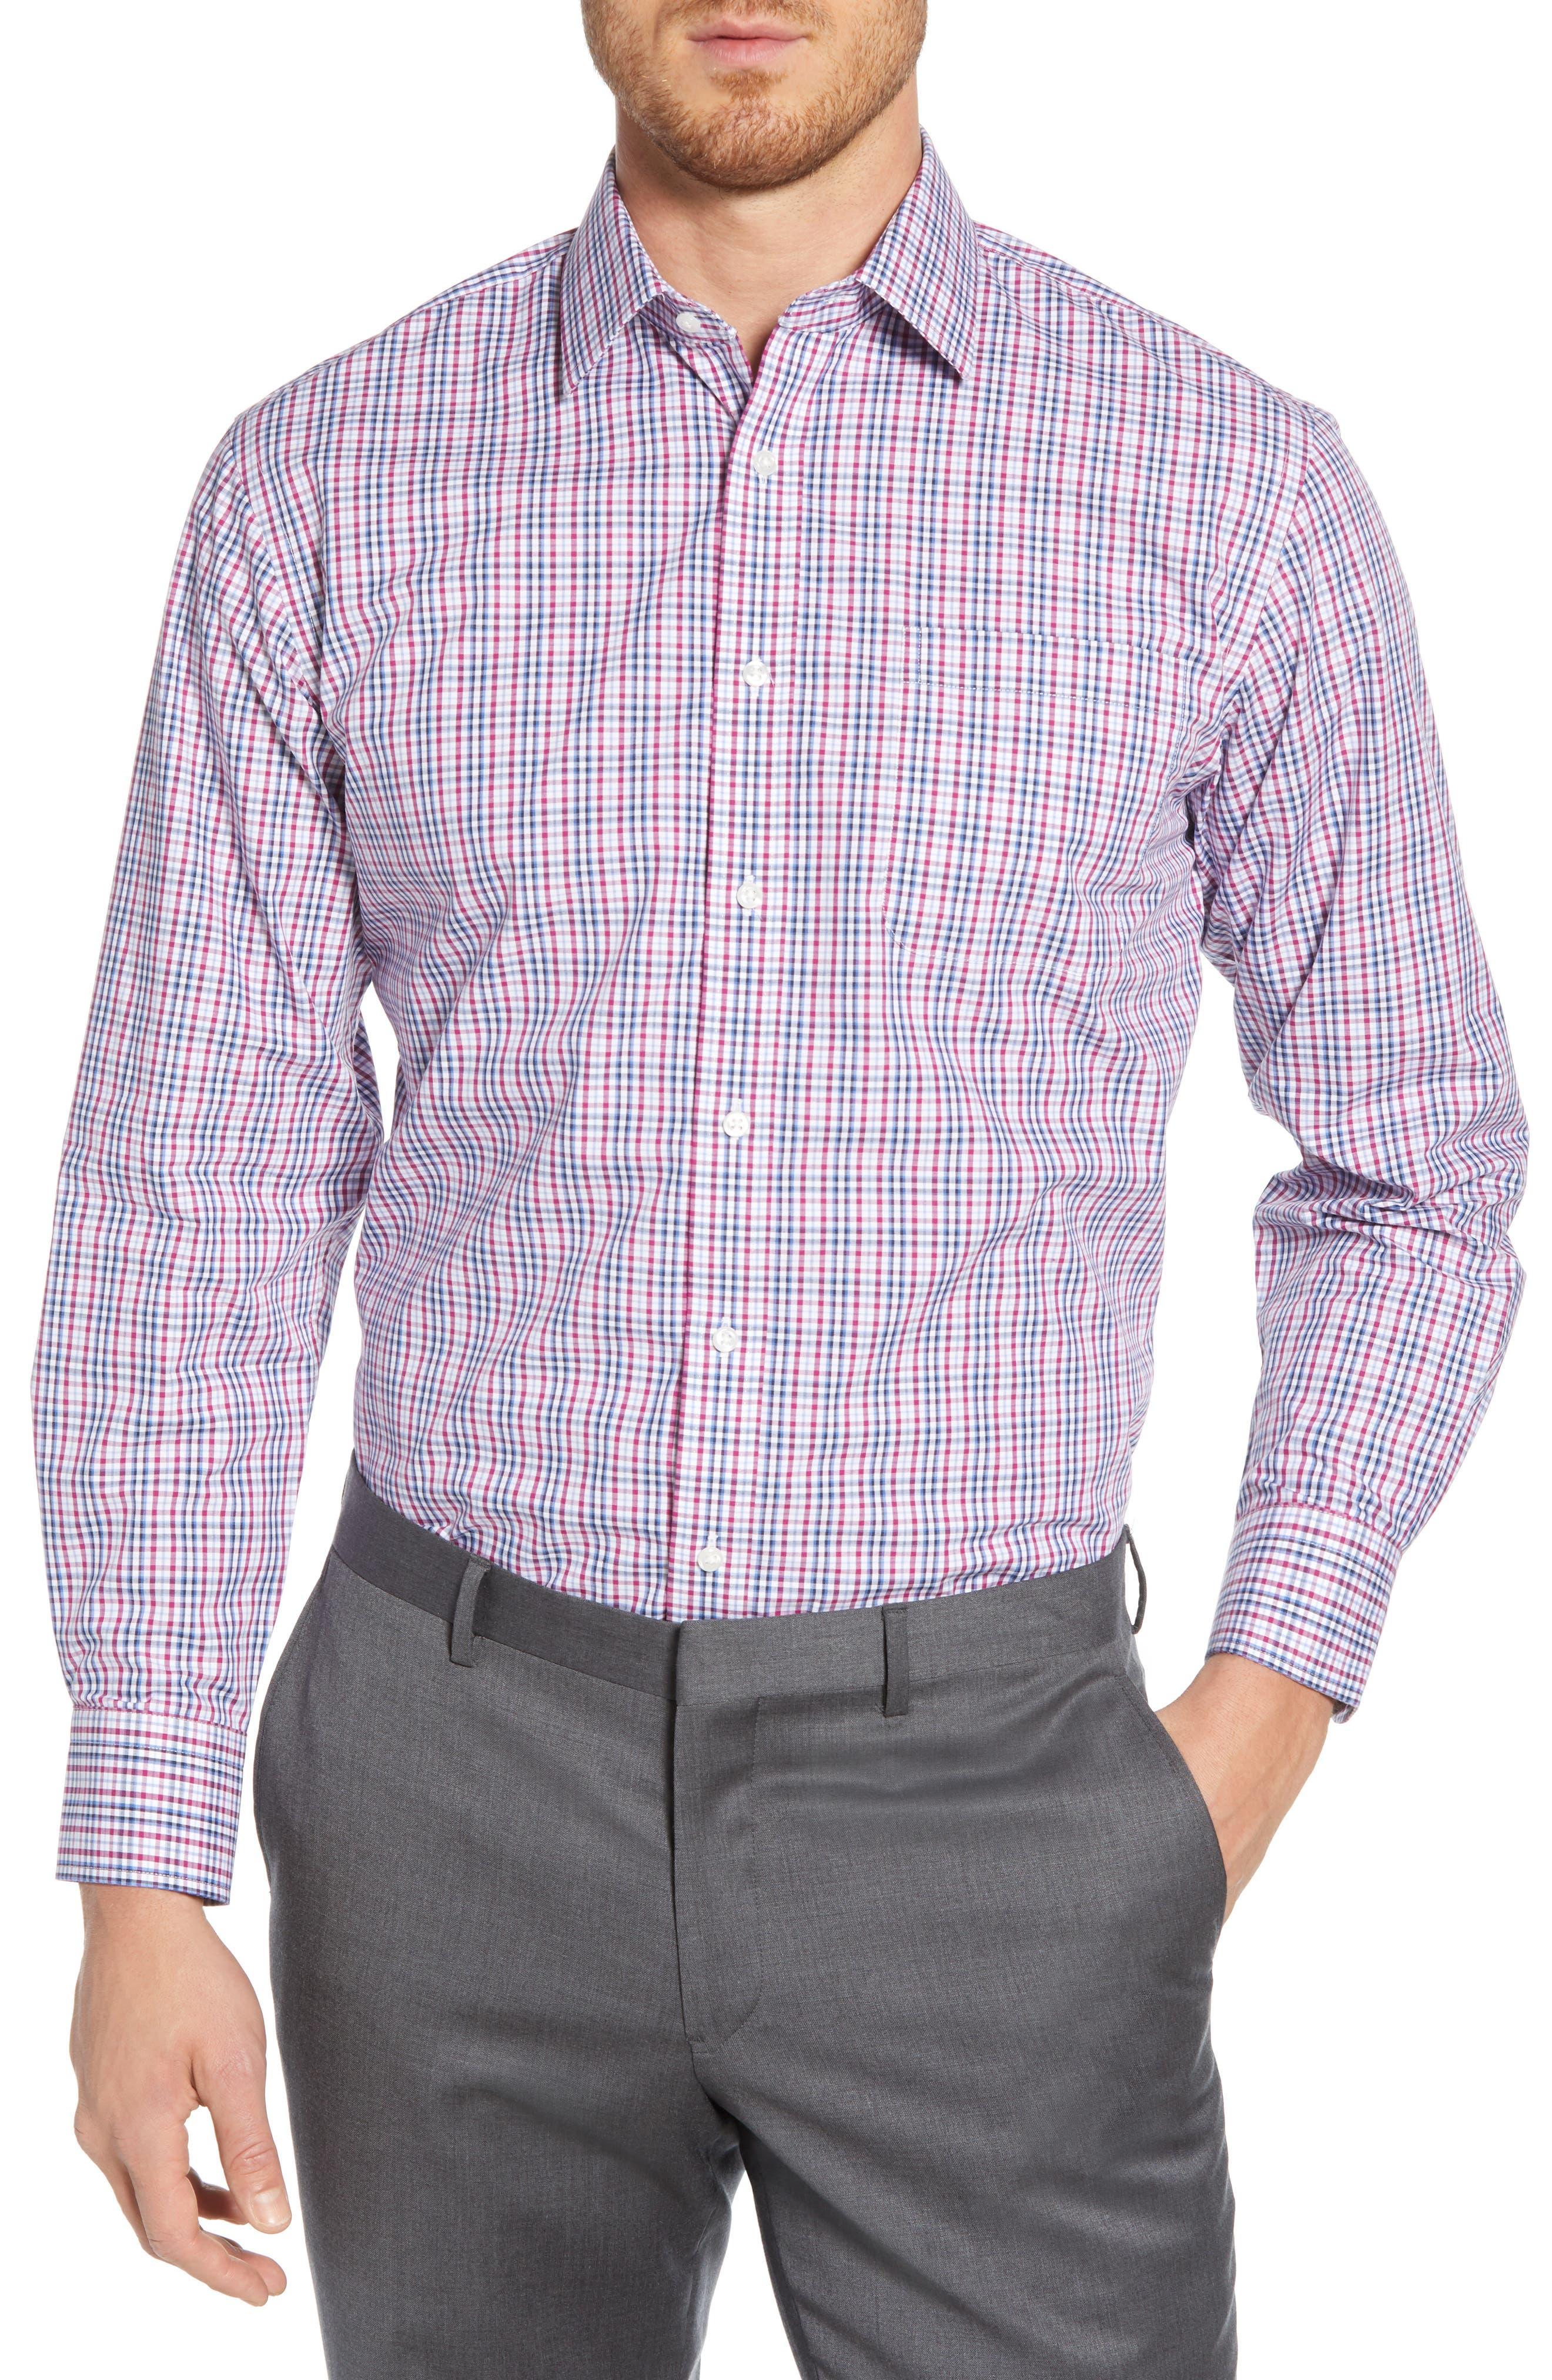 NORDSTROM MEN'S SHOP Traditional Fit Non-Iron Plaid Dress Shirt, Main, color, PURPLE BOYSEN